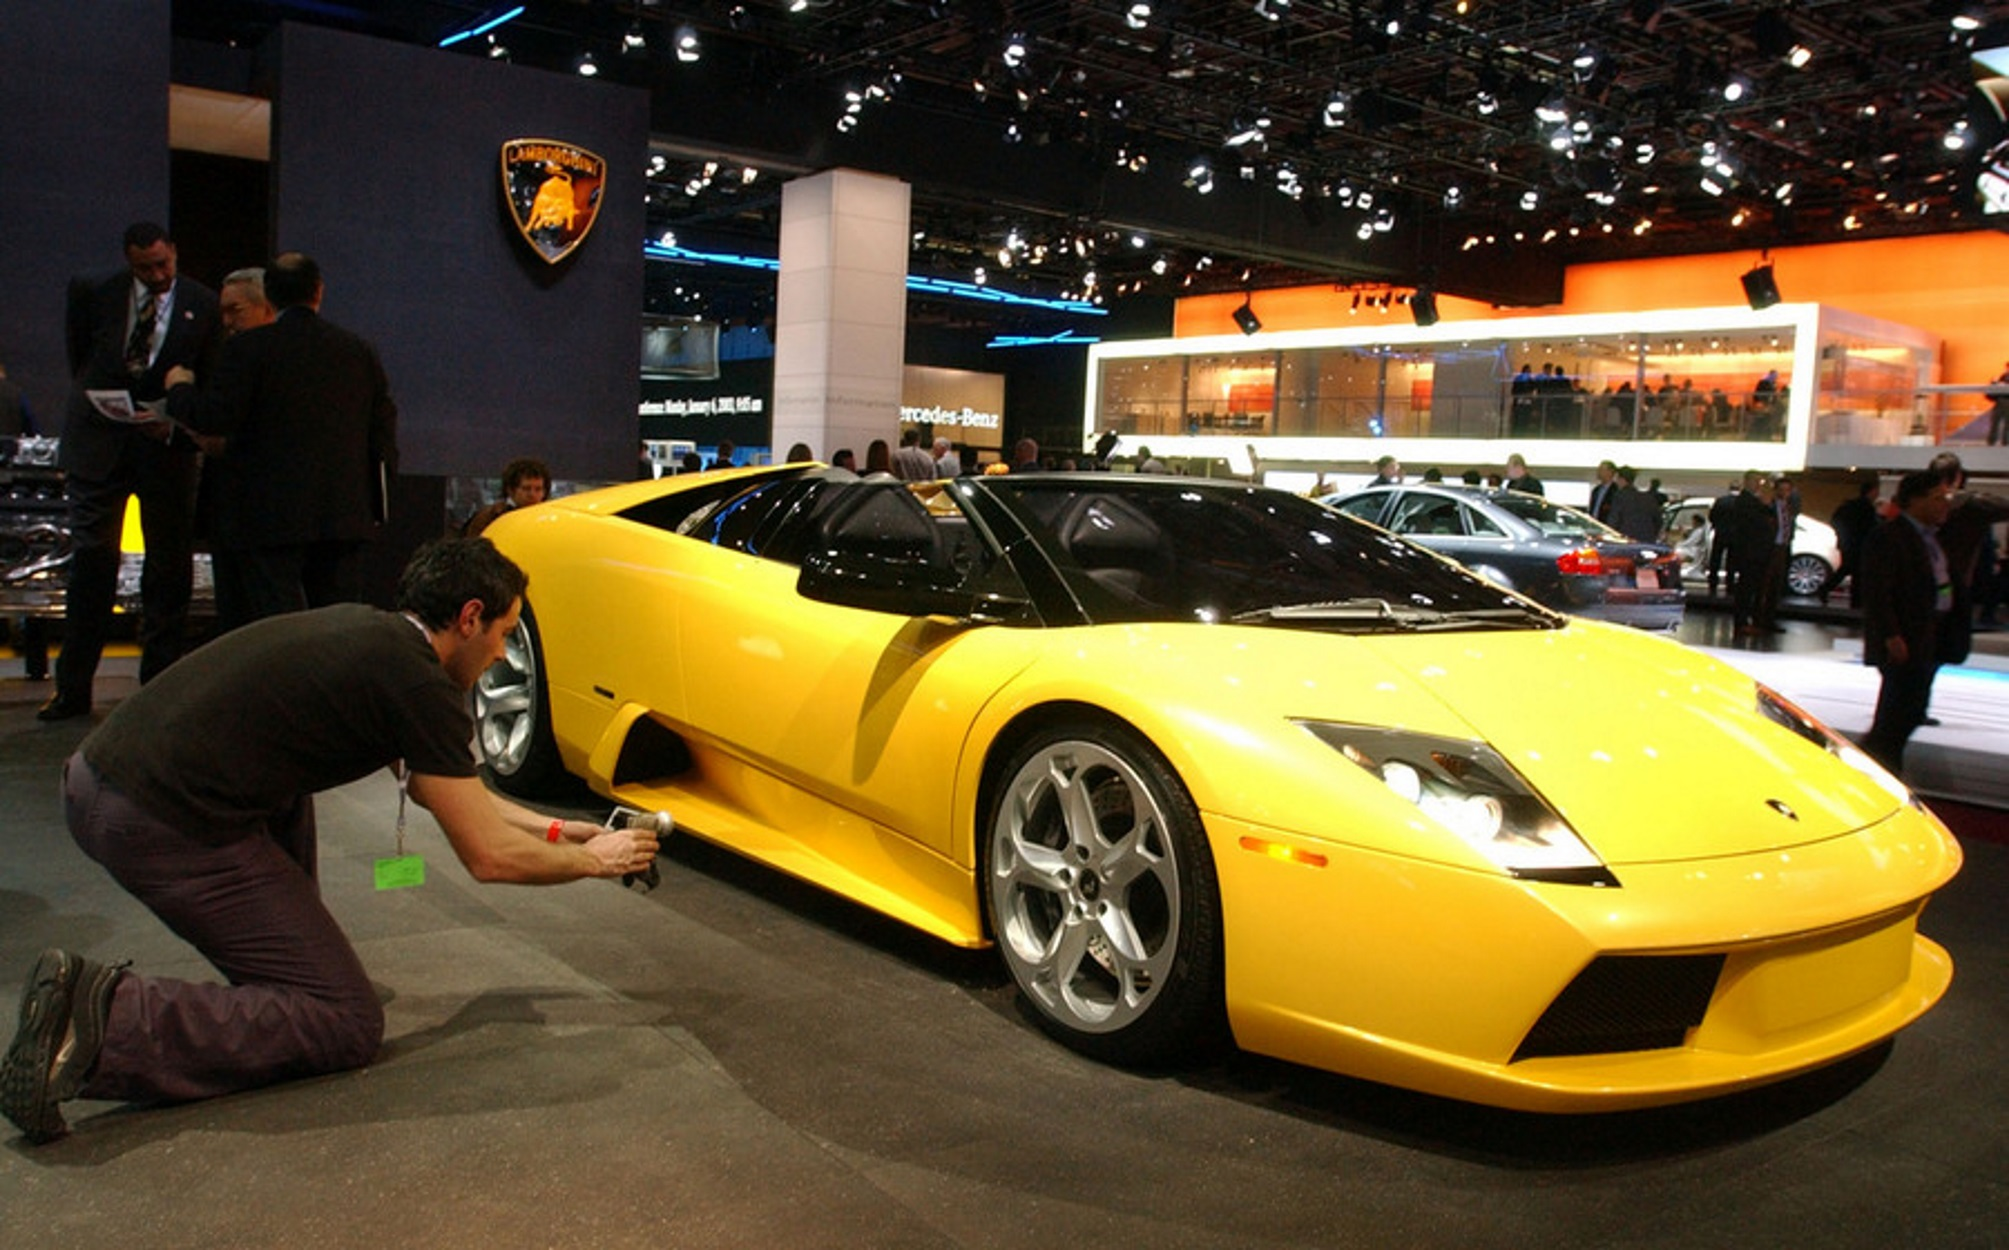 Ούτε η Lamborghini δεν γλιτώνει! Κλείνει το ιστορικό εργοστάσιο λόγω κορονοϊού